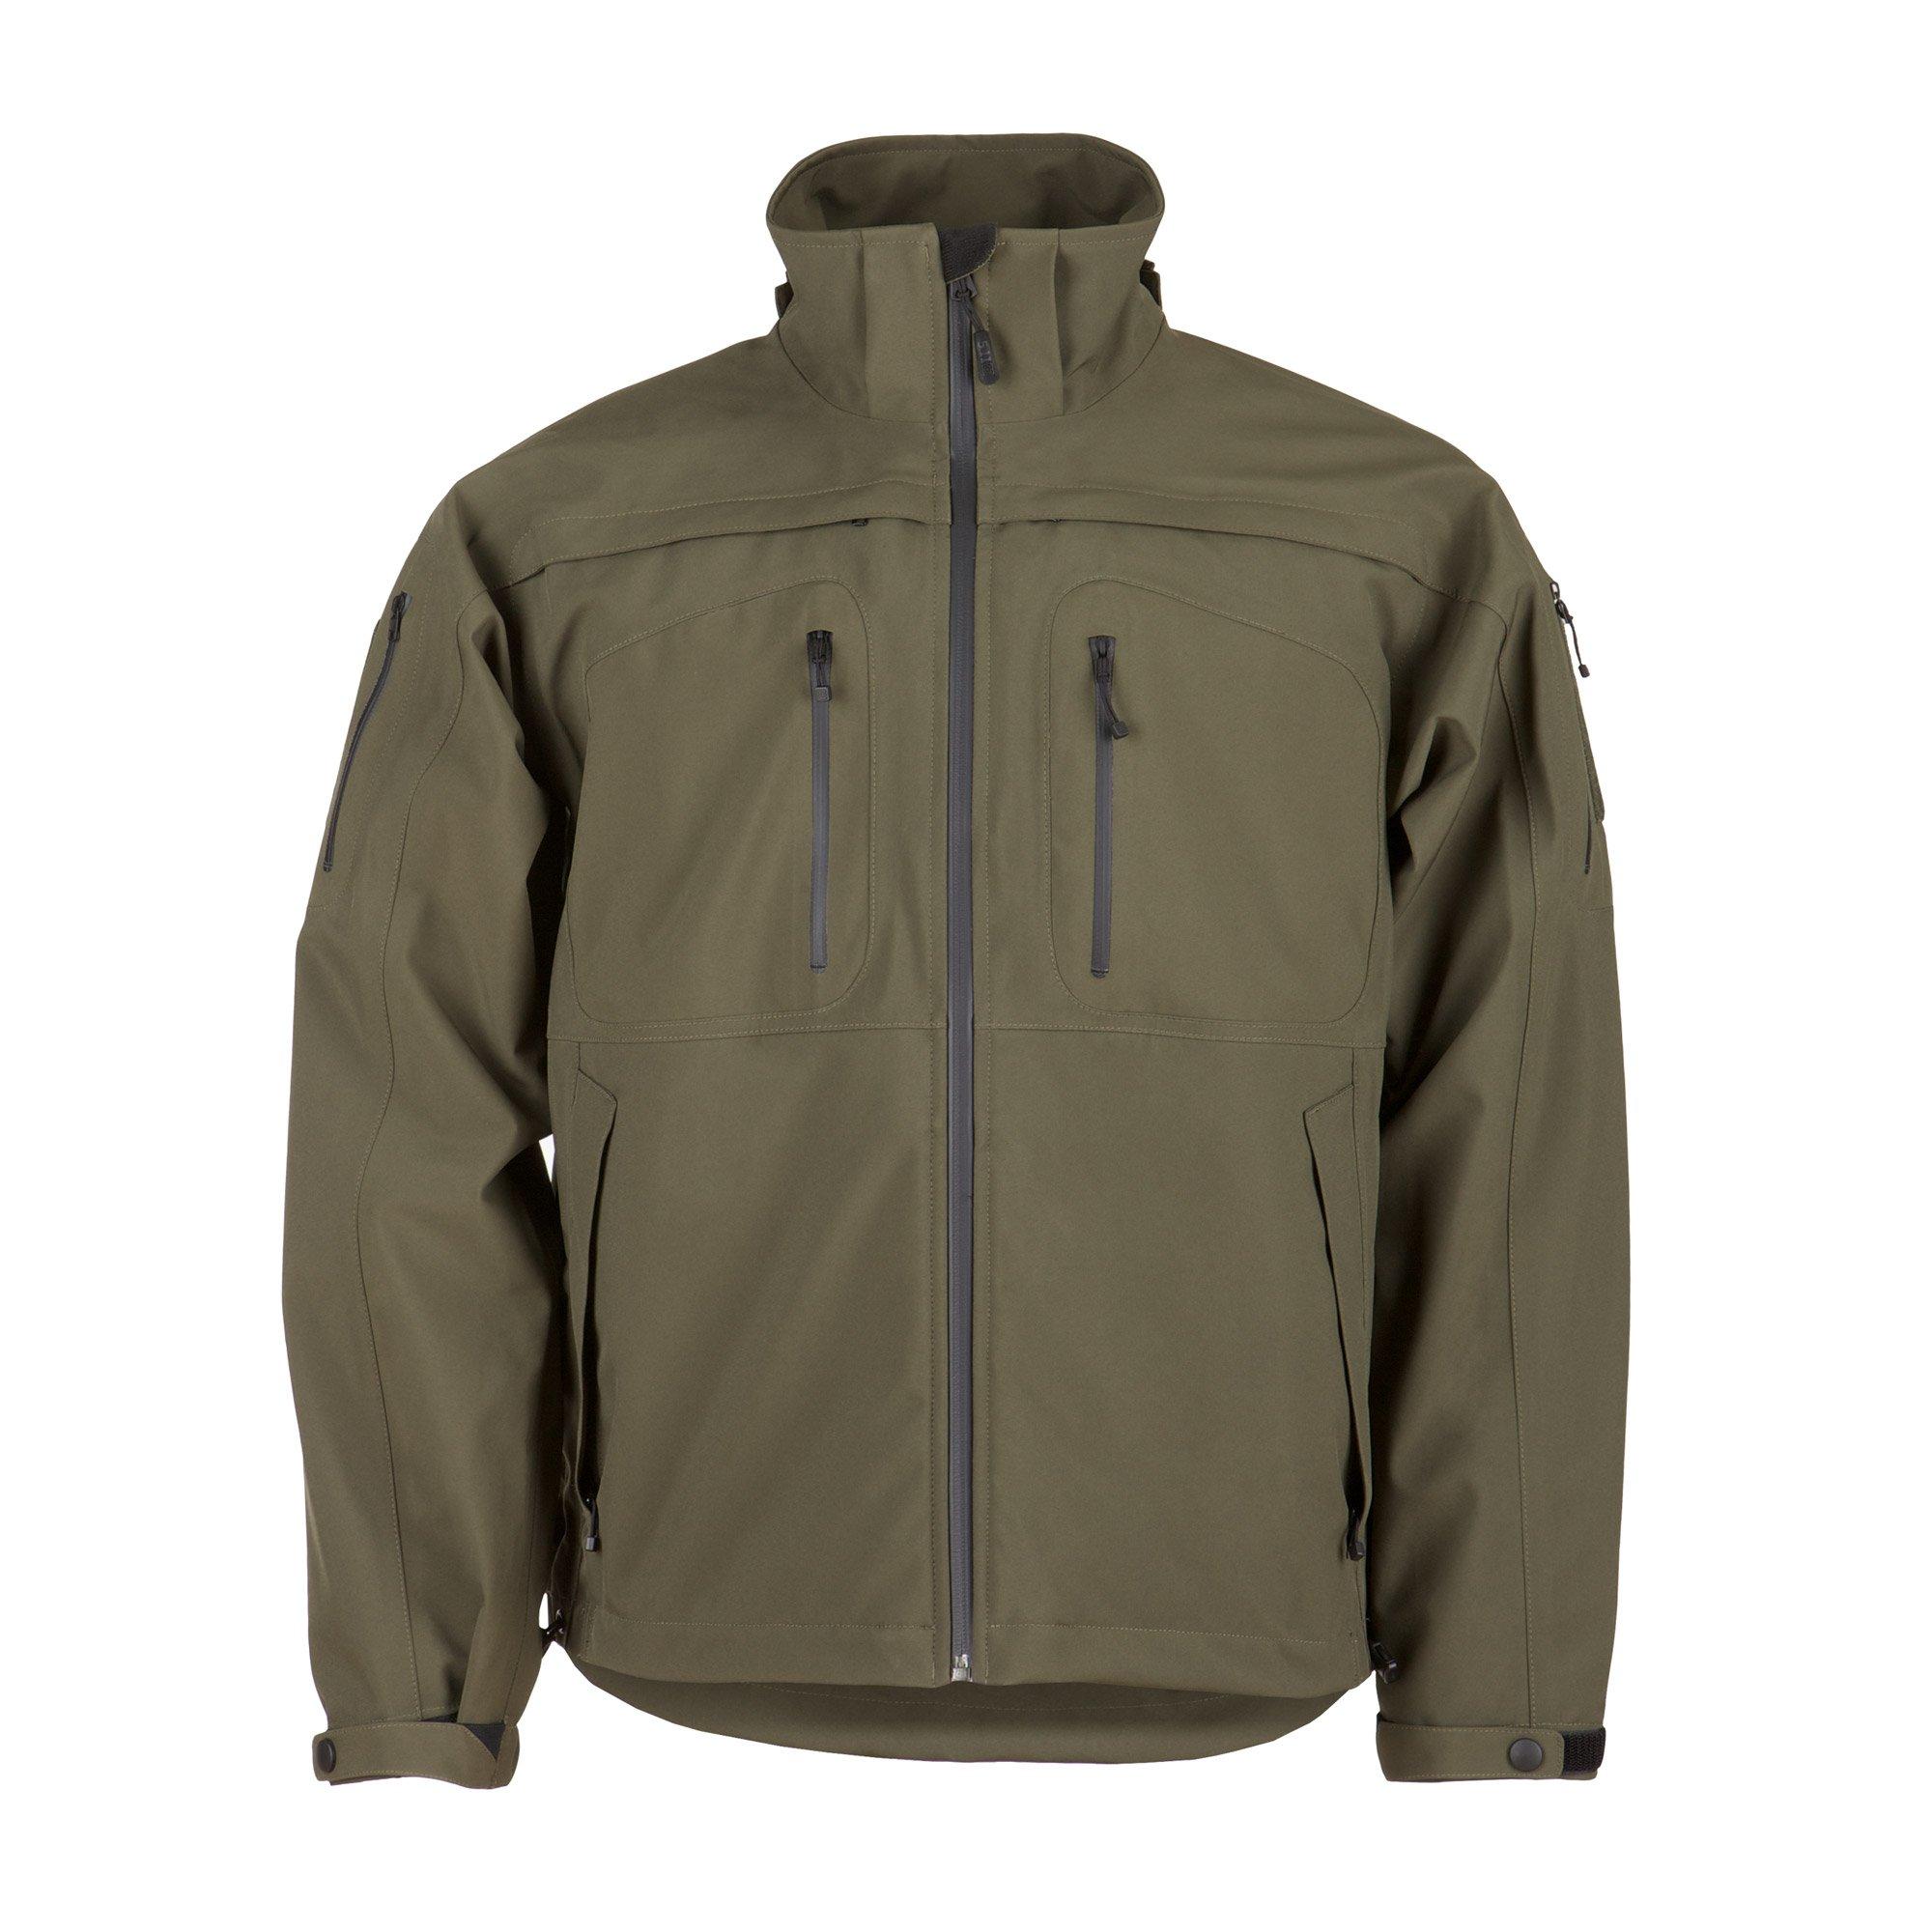 5.11 Tactical Sabre 2.0 Jacket